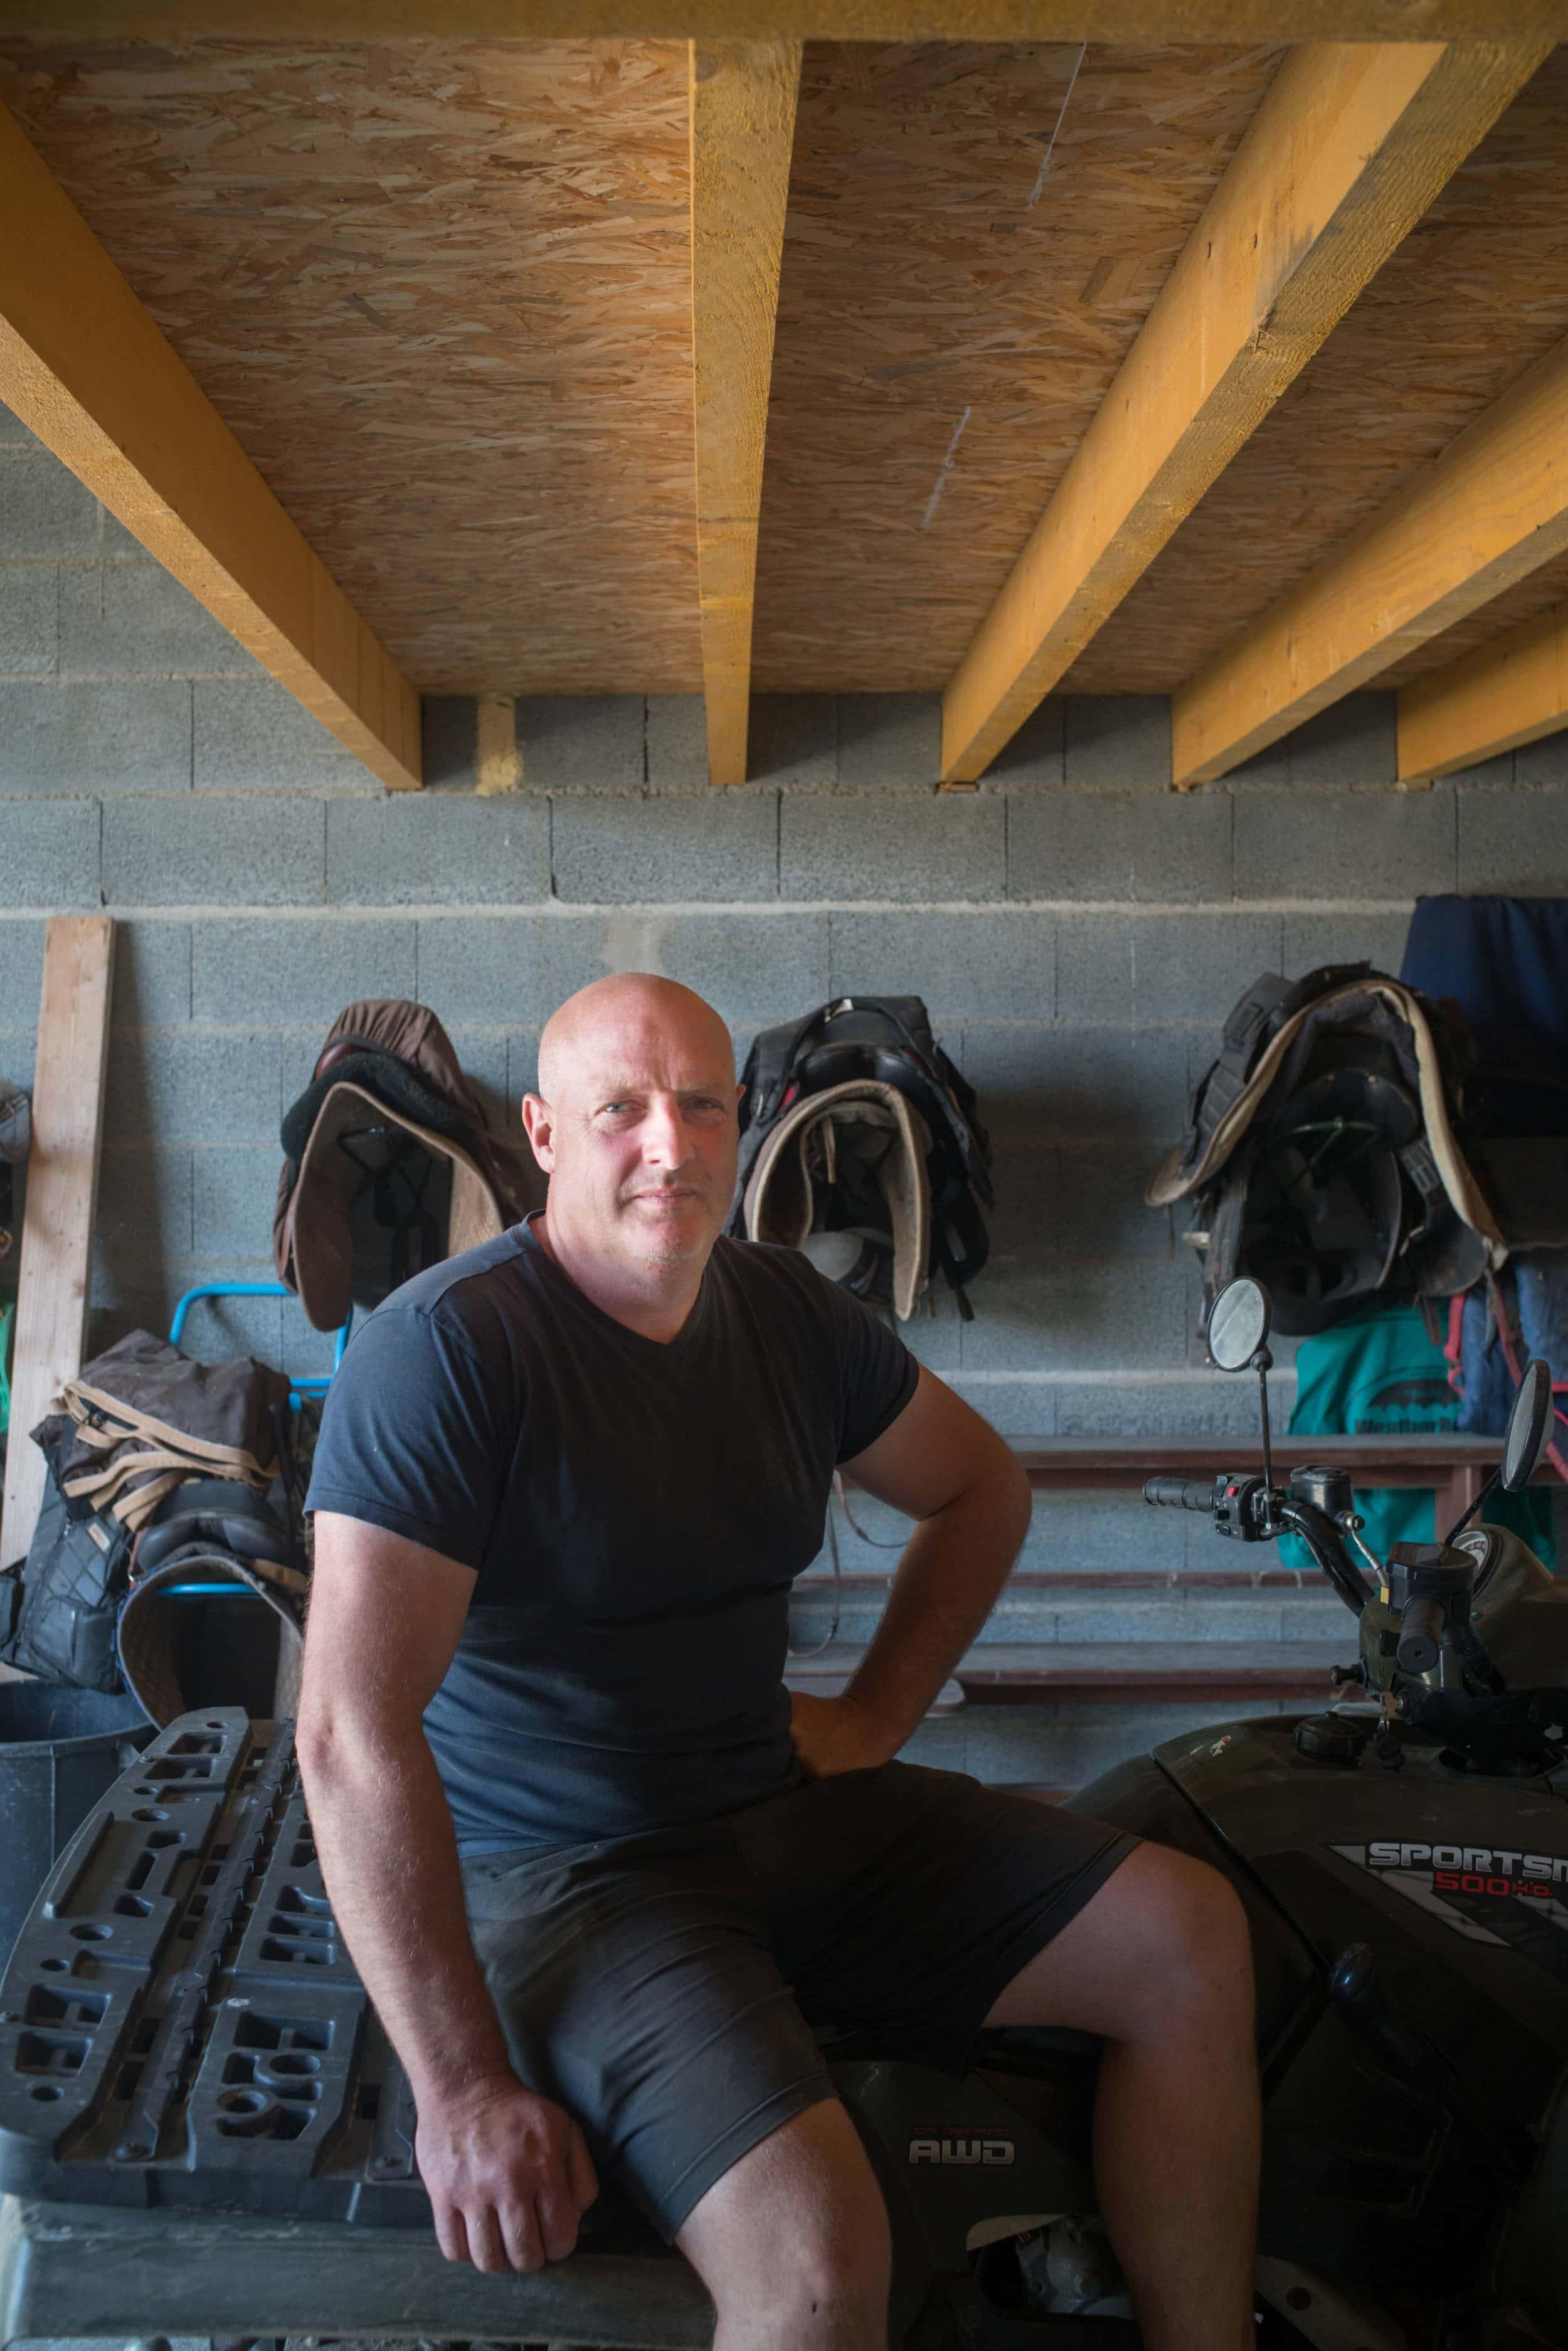 David Giraudeau est assis sur son quad. À l'arrière plan des selles sont suspendues.